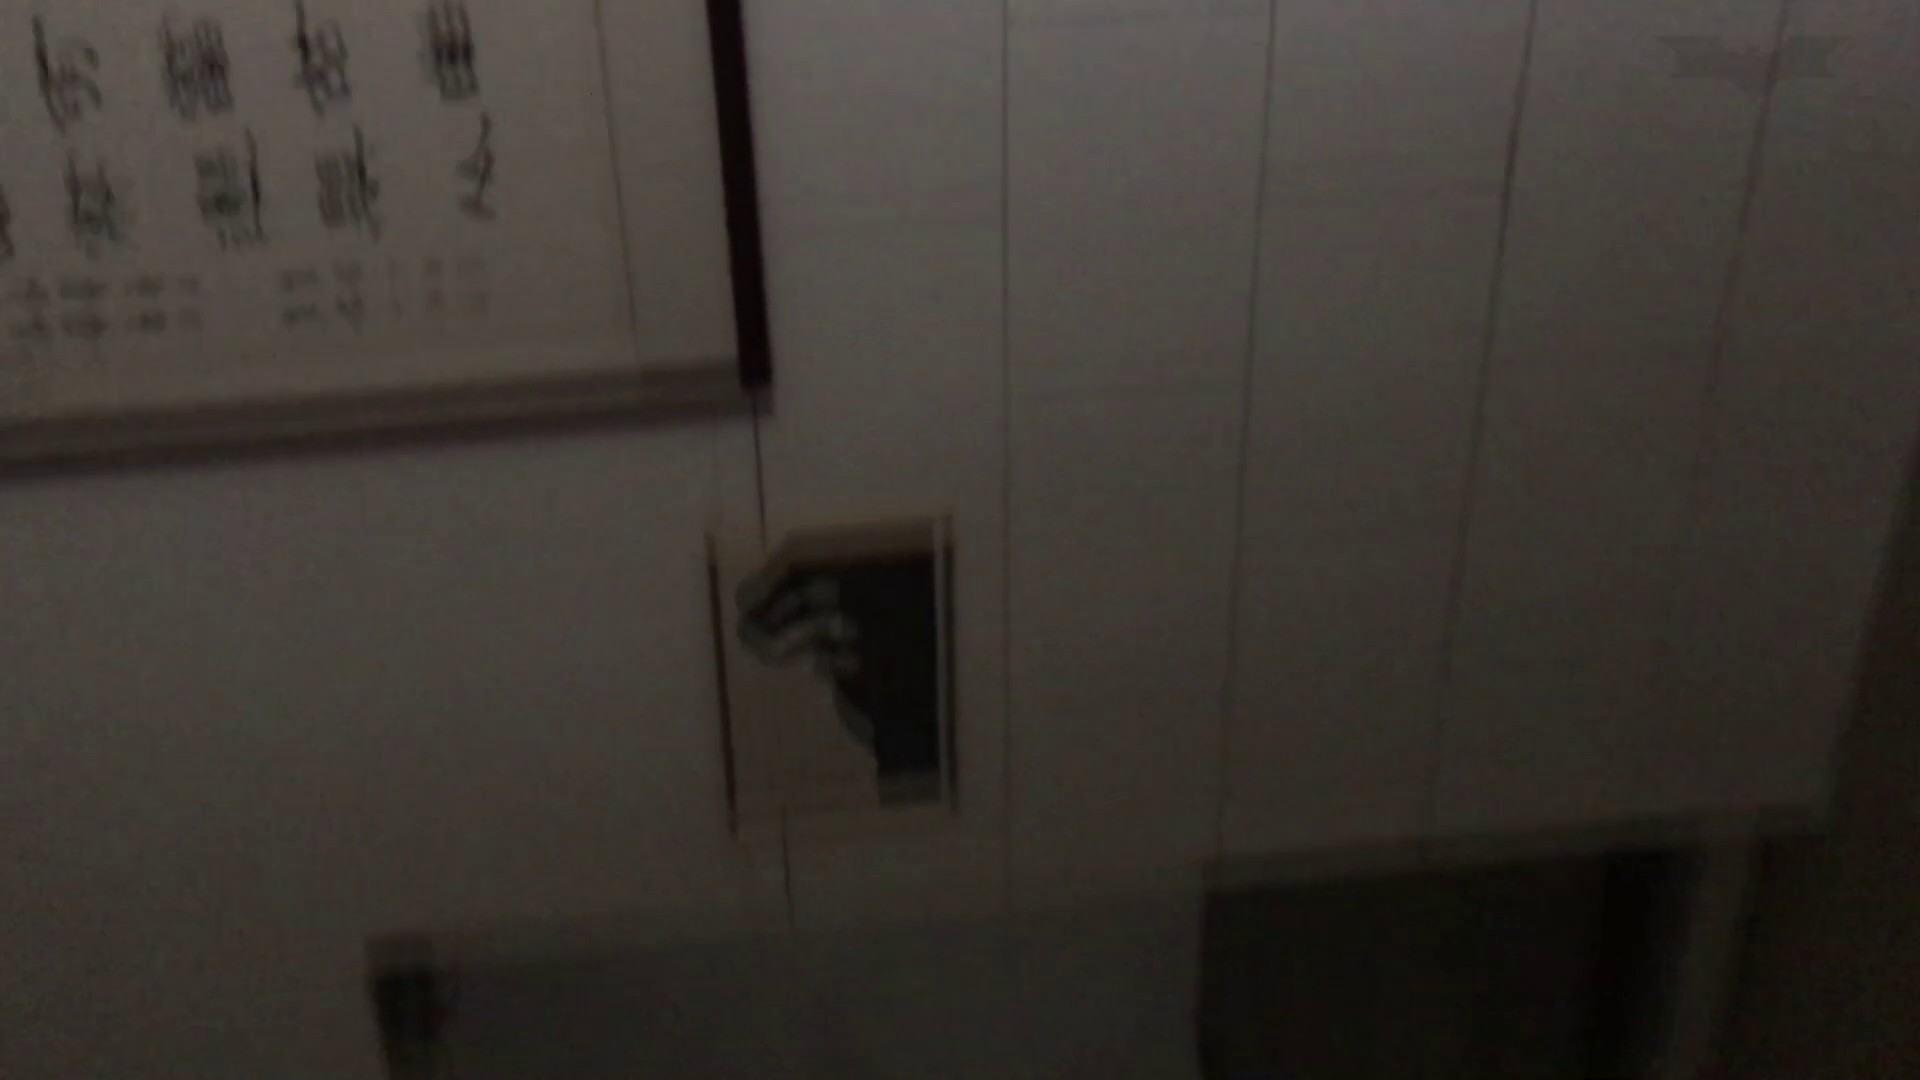 芸術大学ガチ潜入盗撮 JD盗撮 美女の洗面所の秘密 Vol.80 トイレ中 | 洗面所着替え  64連発 56